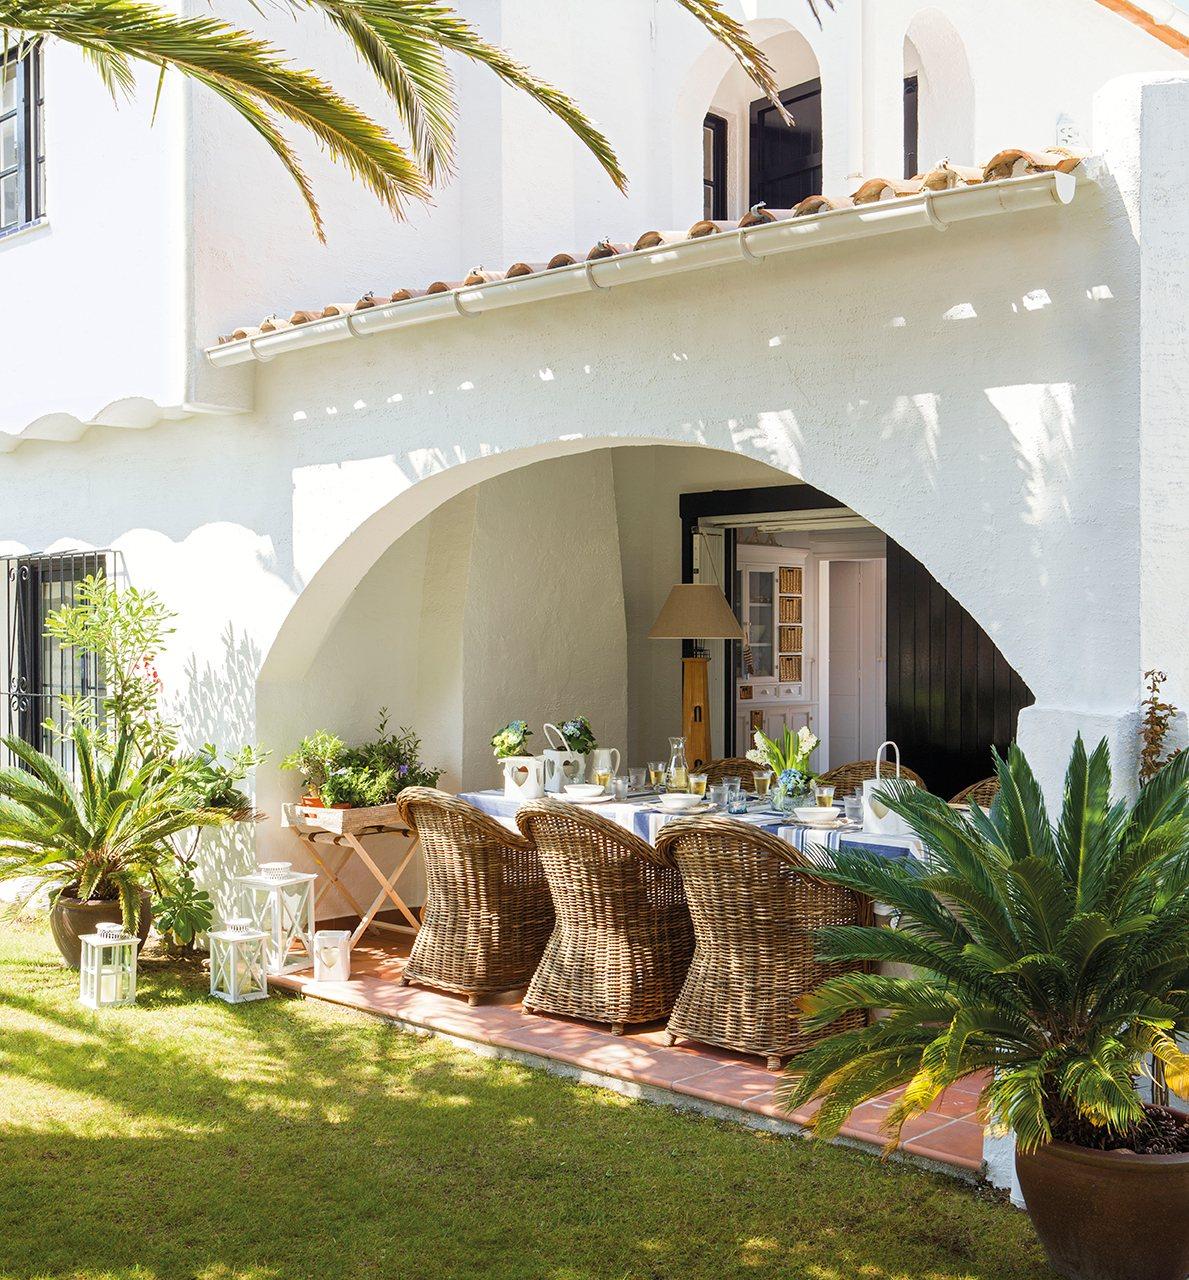 70 m2 en blanco ibicenco for Terrazas ibicencas